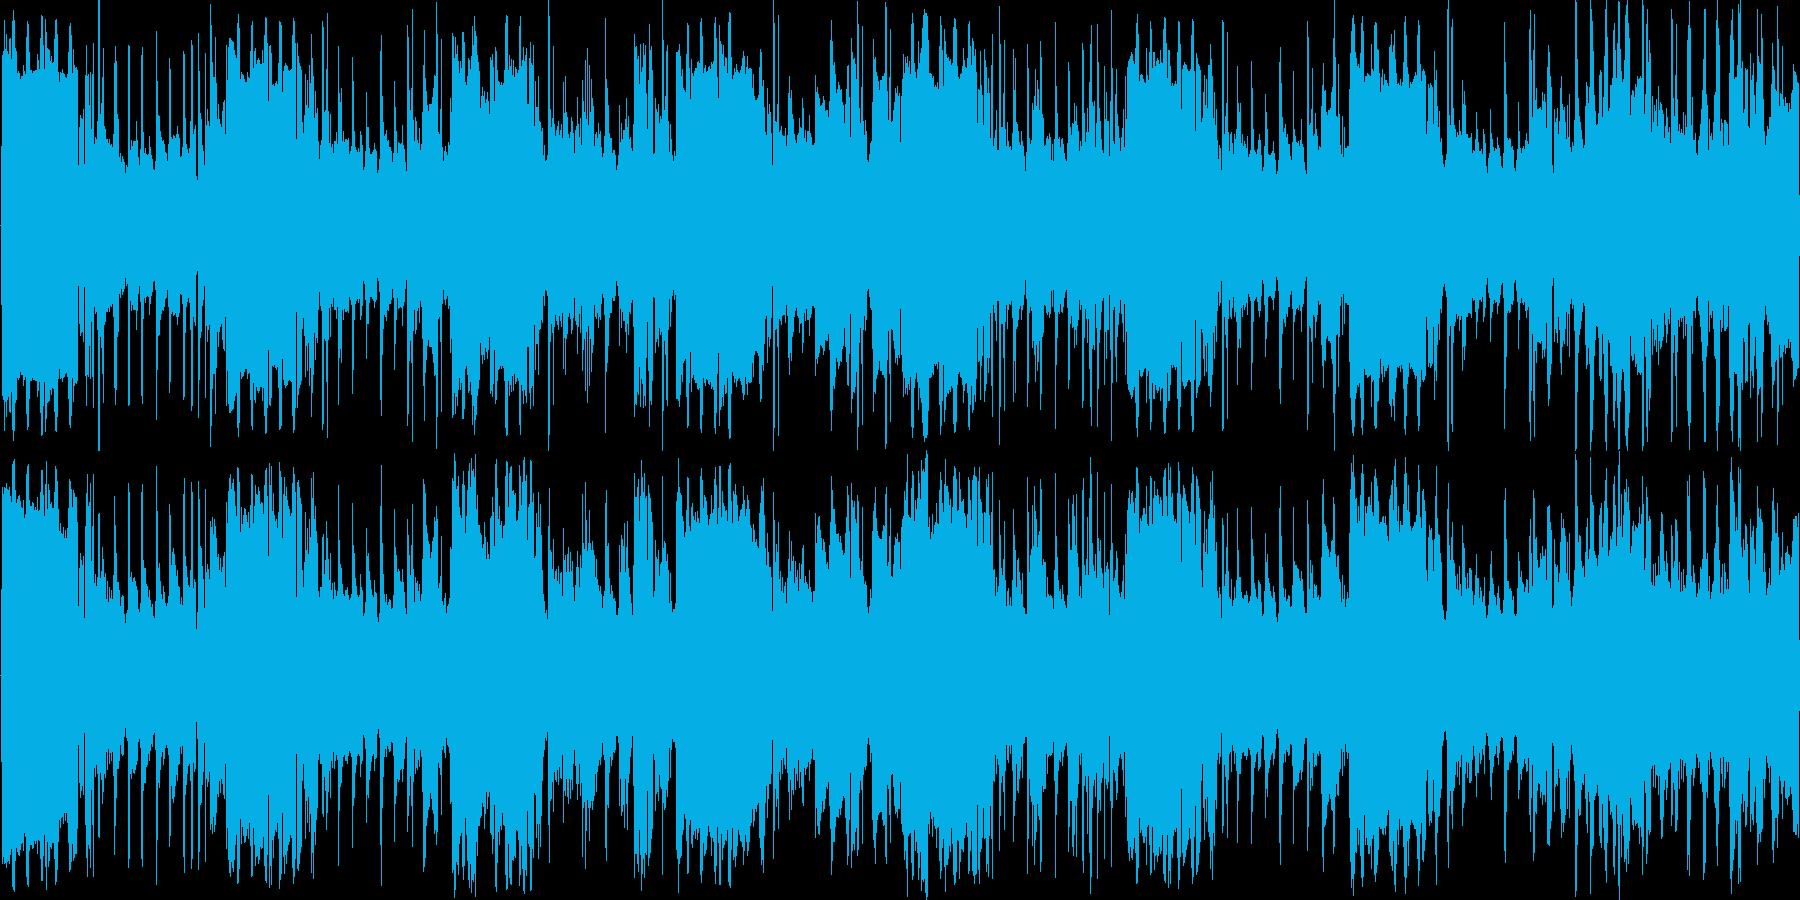 サスペンス系BGMループ音源の再生済みの波形